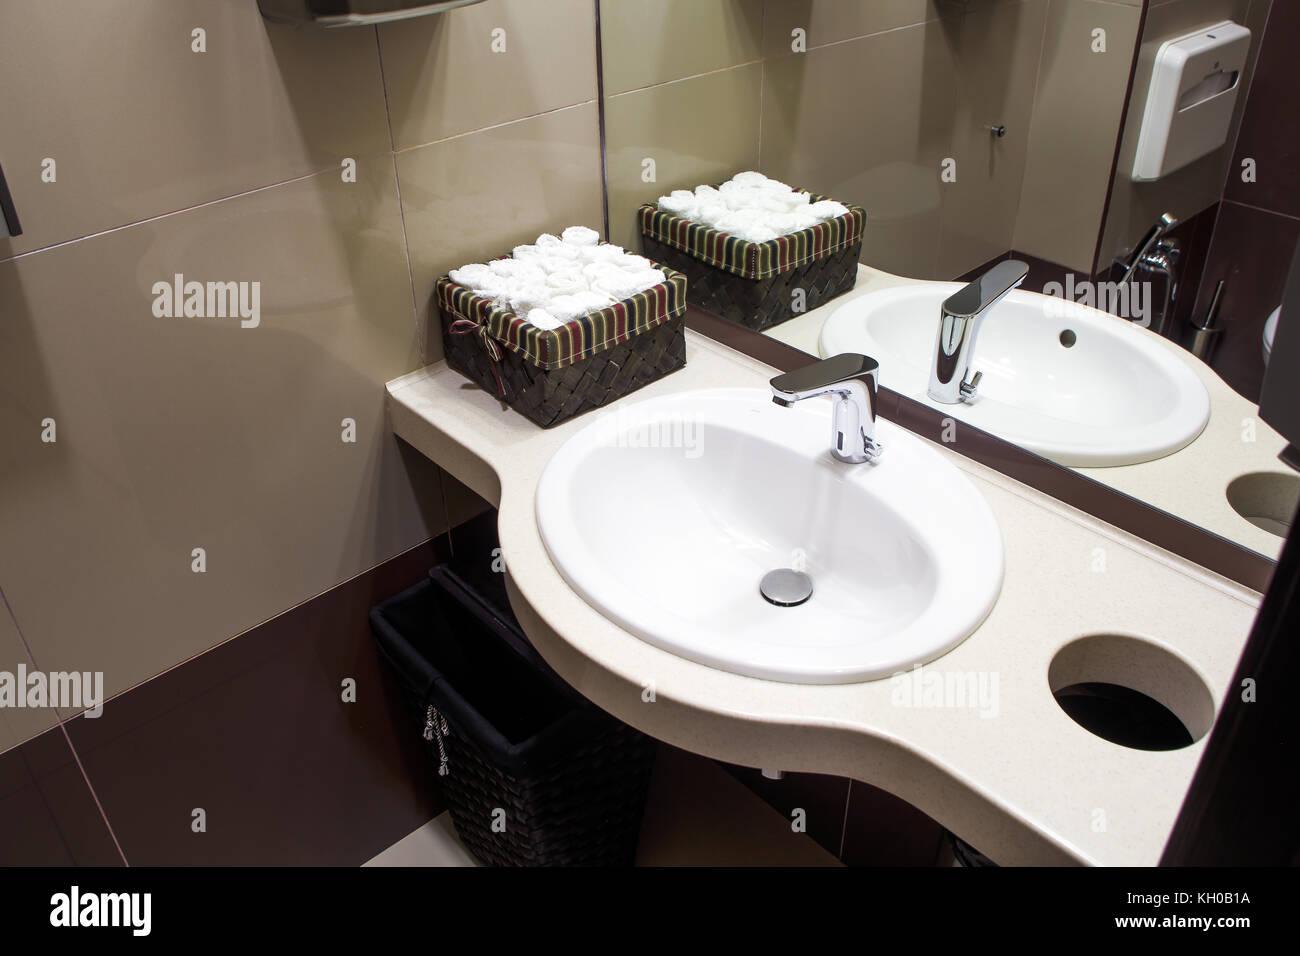 eine nahaufnahme eines modernen wei en waschbecken daneben gibt es eine box mit sauberen. Black Bedroom Furniture Sets. Home Design Ideas